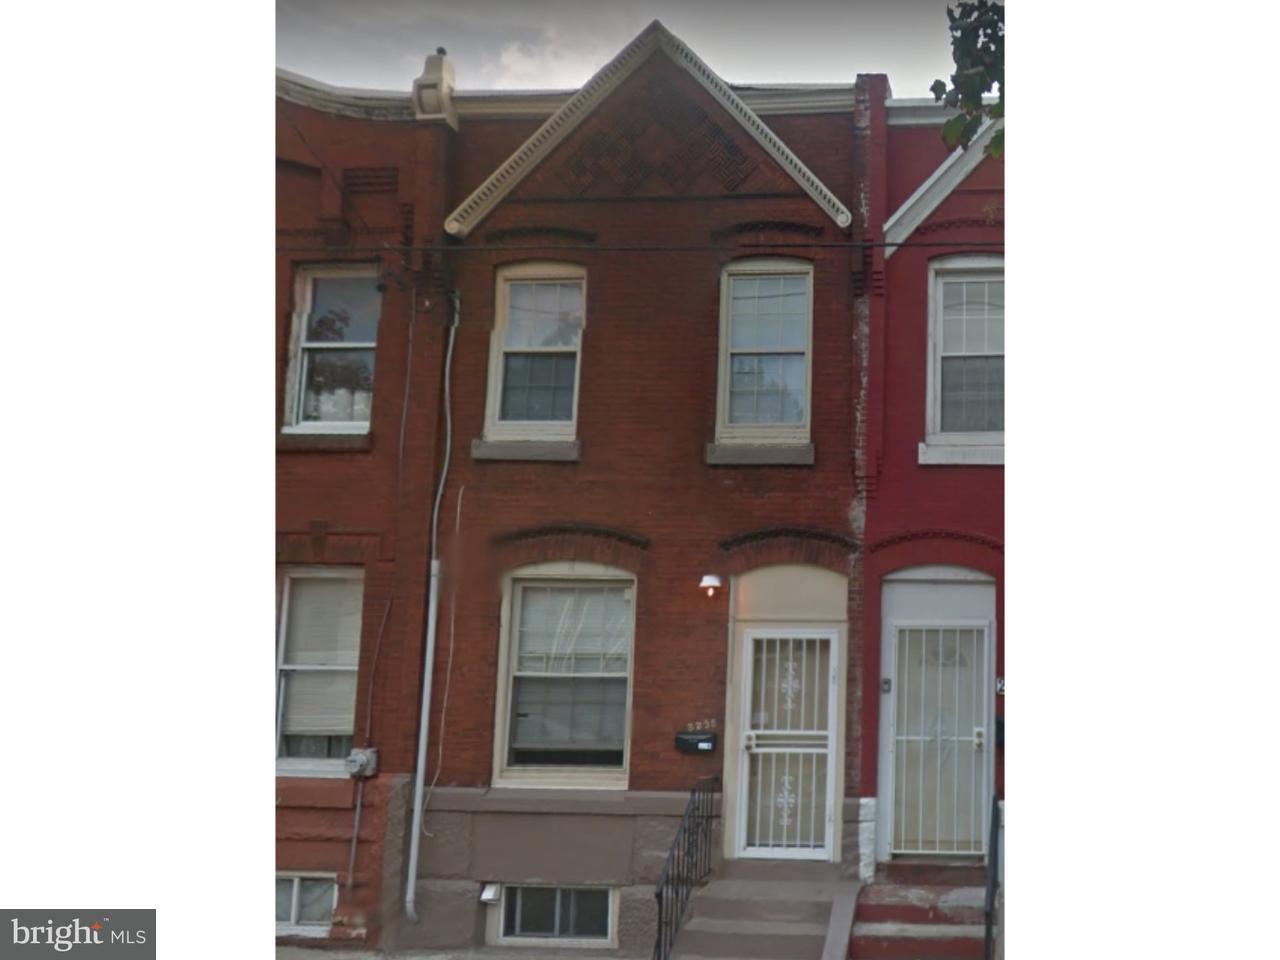 2239 N 18TH Philadelphia, PA 19132